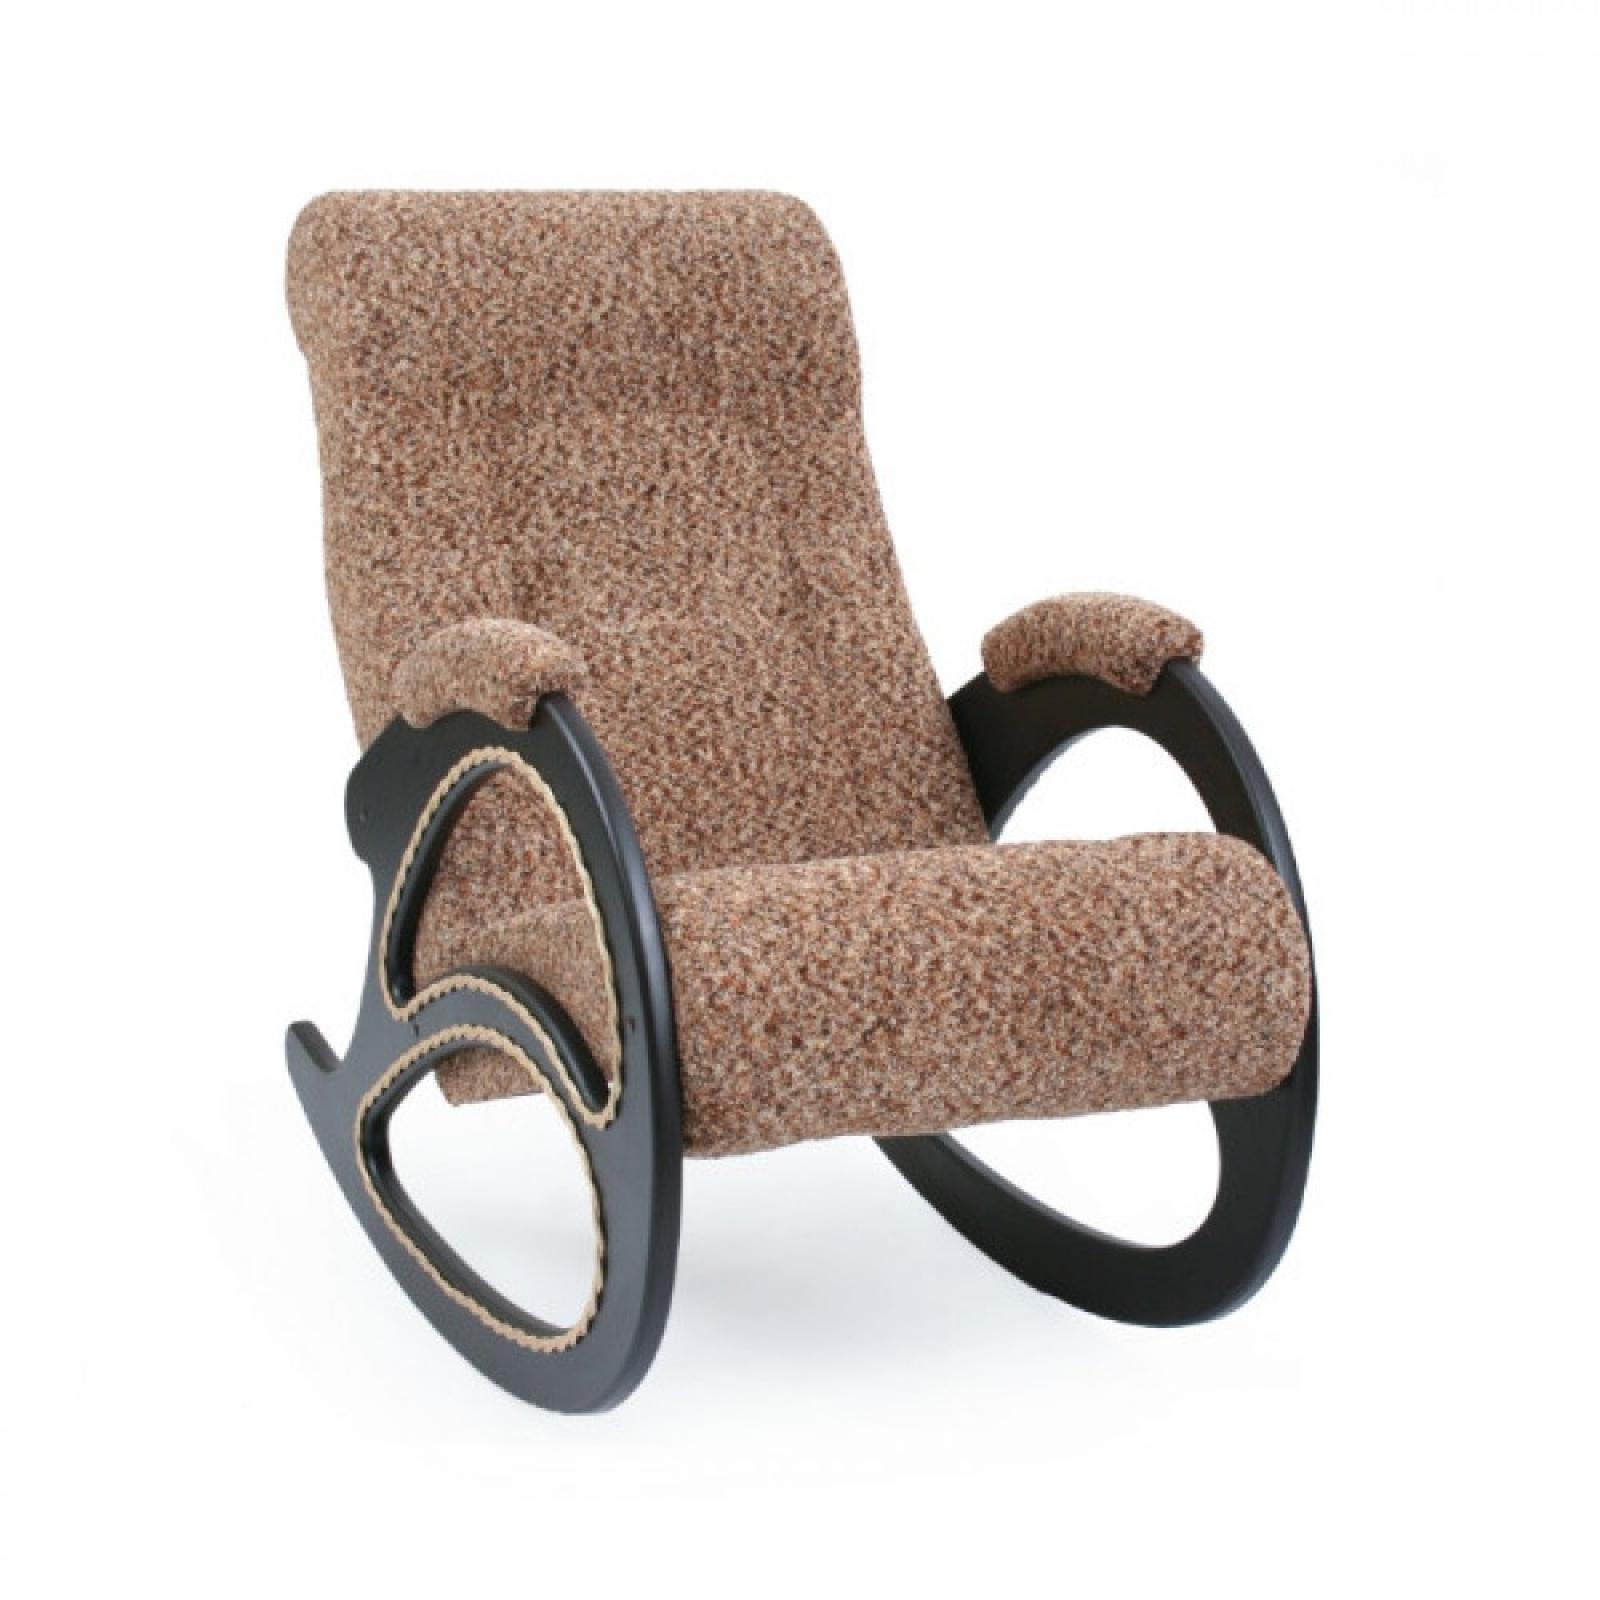 Кресло-качалка, Модель 4 (с декоративной косичкой) Венге/Модена 56 - 1